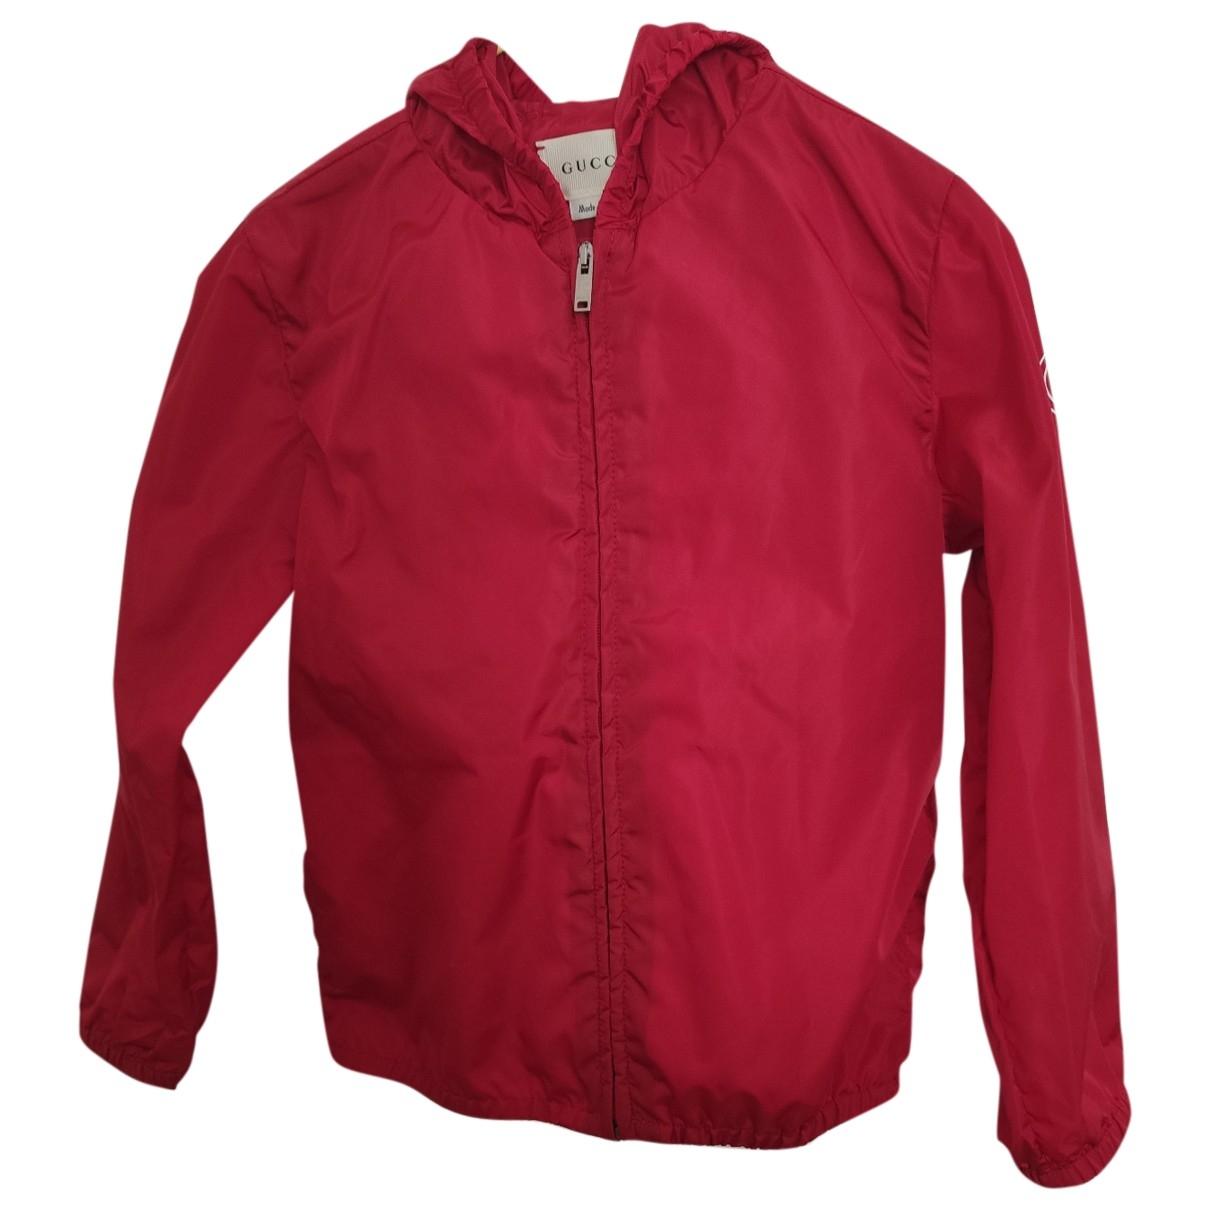 Gucci - Blousons.Manteaux   pour enfant - rouge